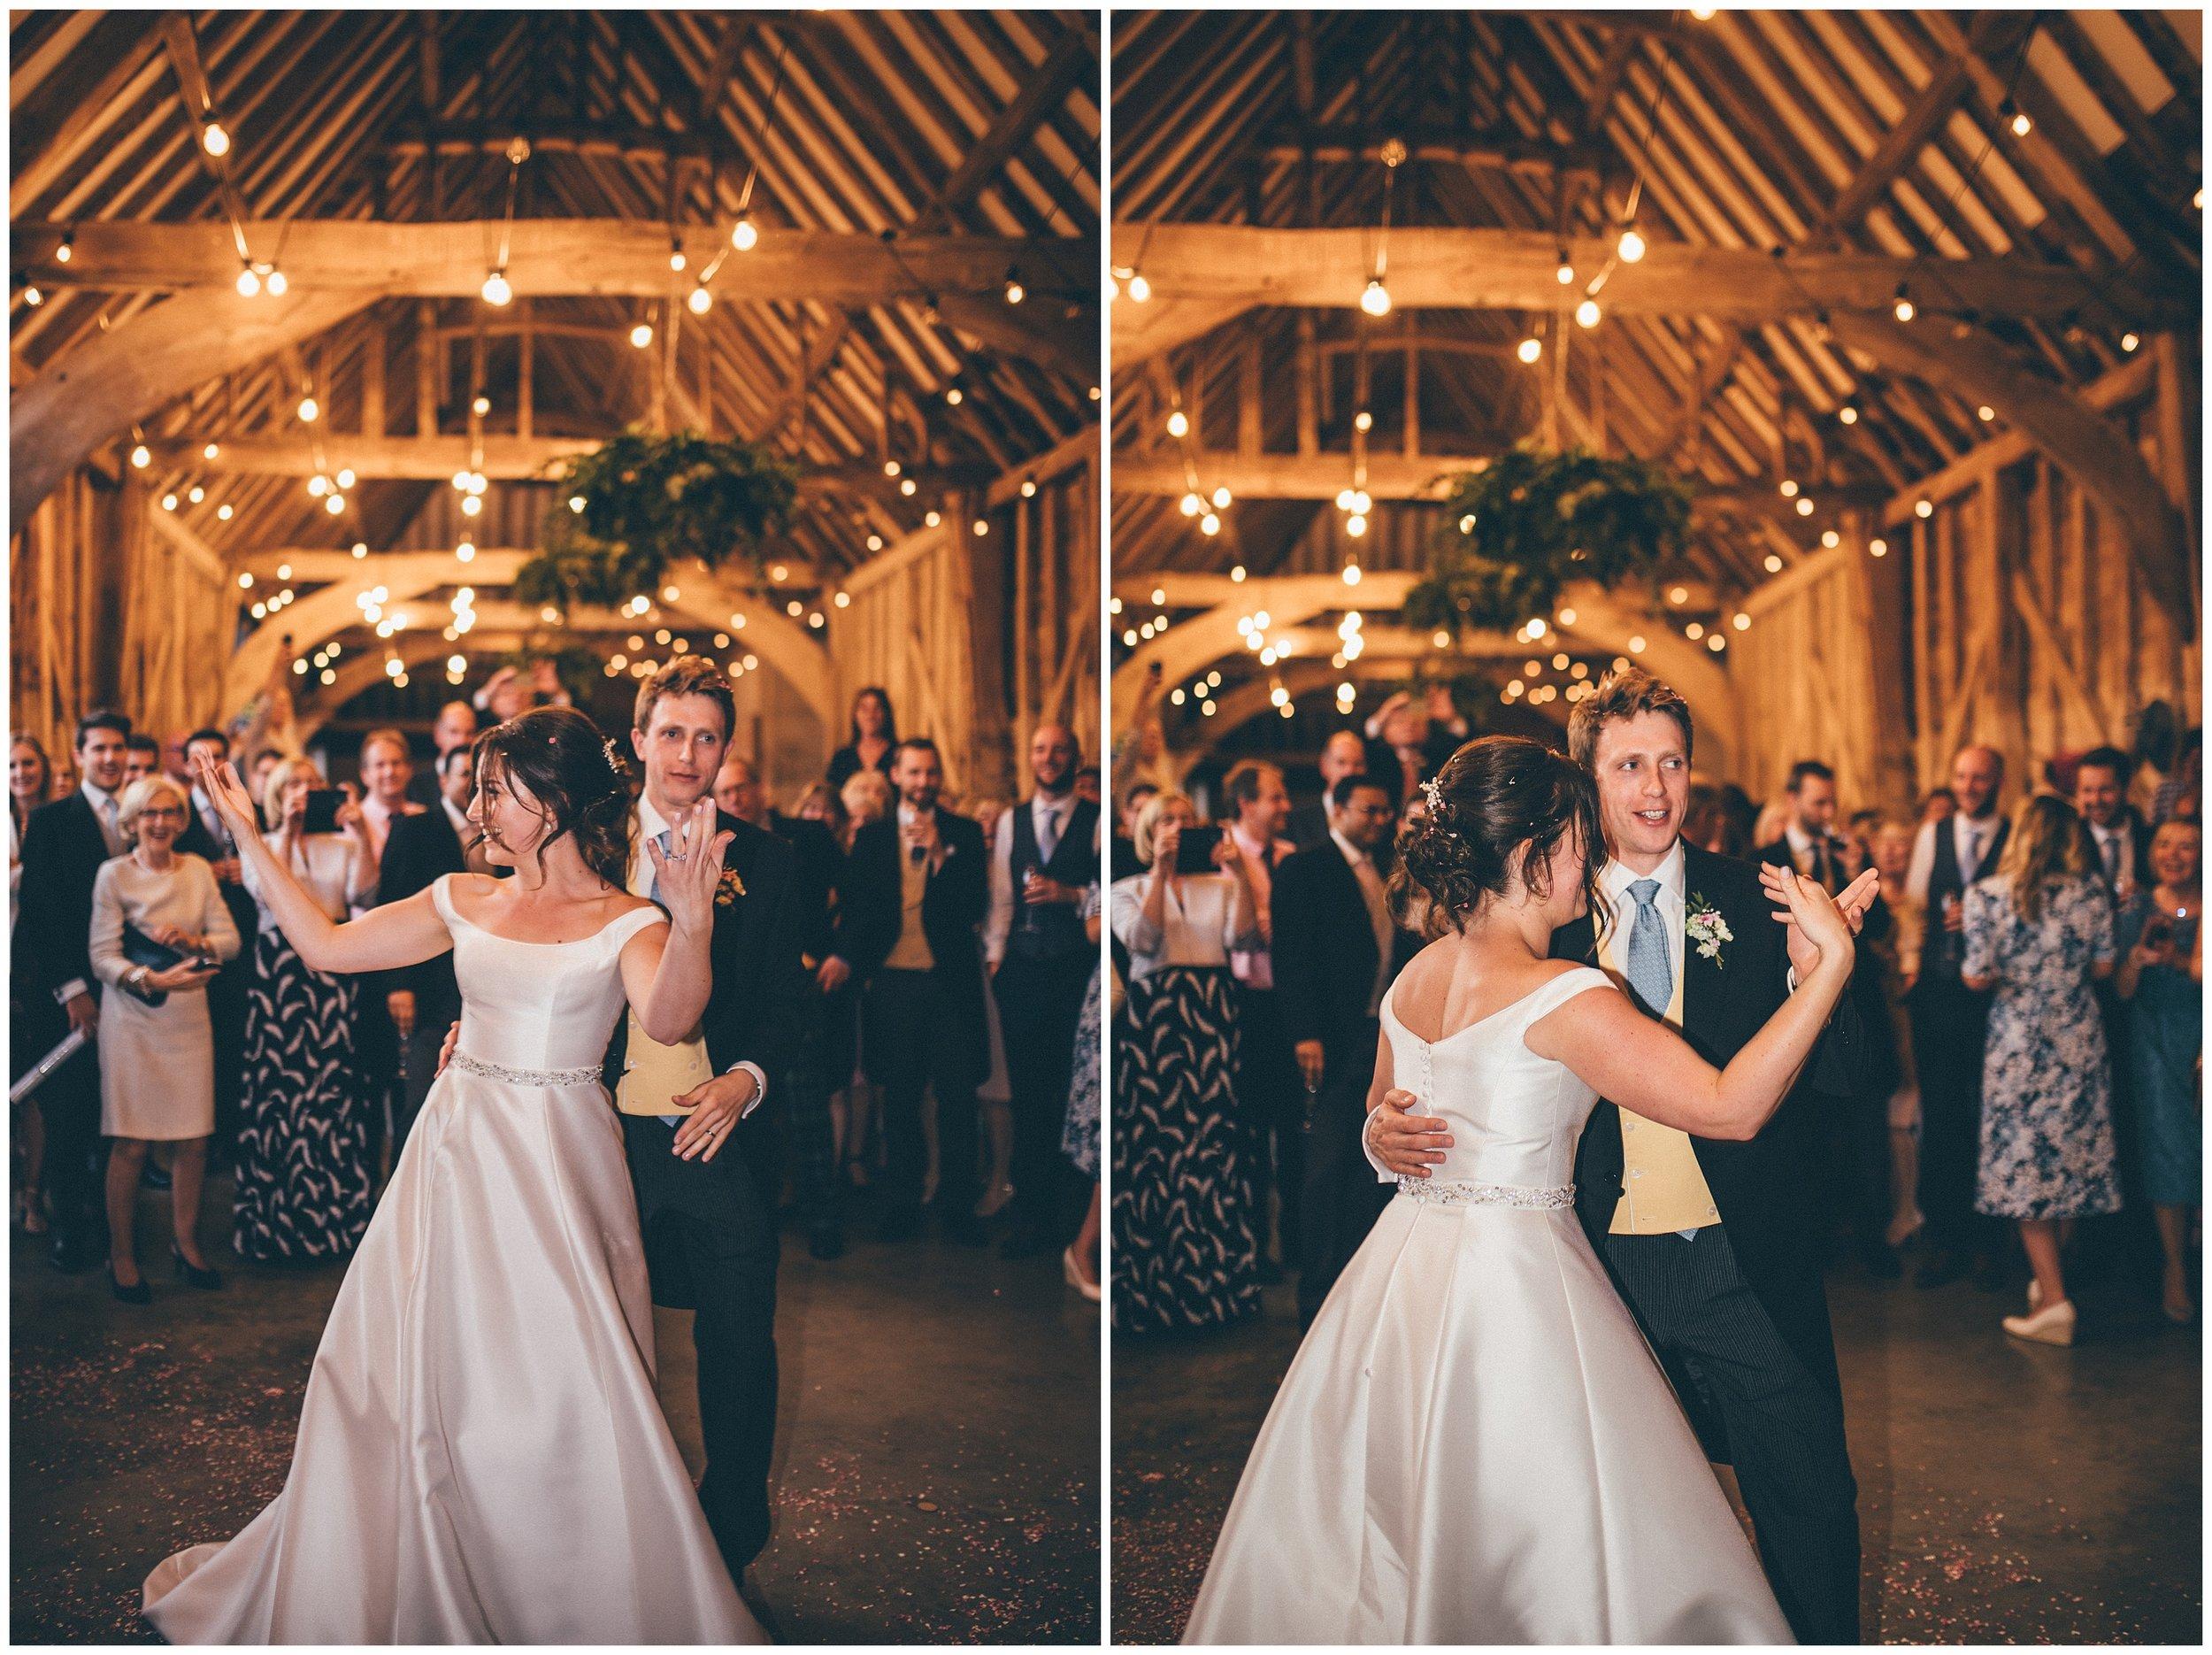 First Dance at Henham Park wedding barns in Southwold.